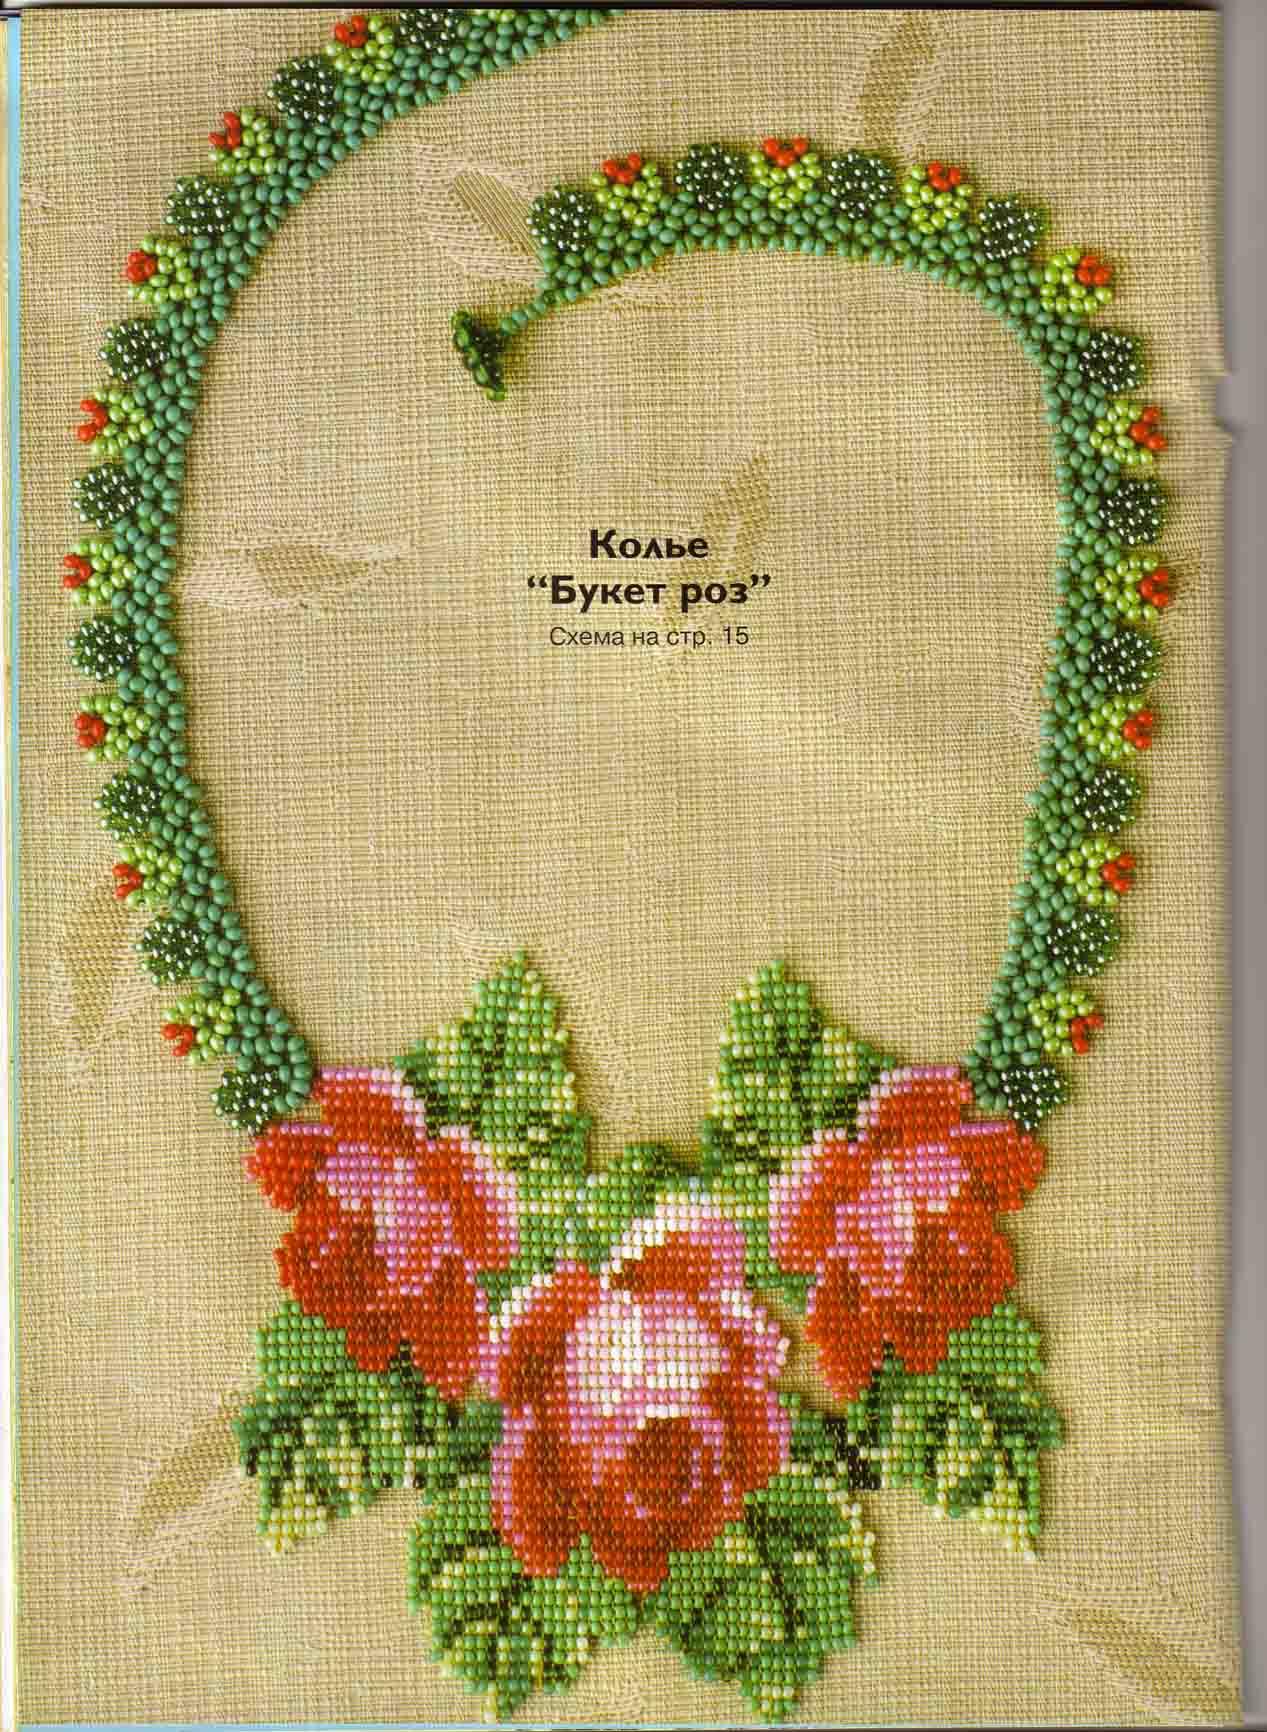 Бисероплетение для самых-самых начинающих: Роза.  Уроки бисероплетения для начинающих розы.